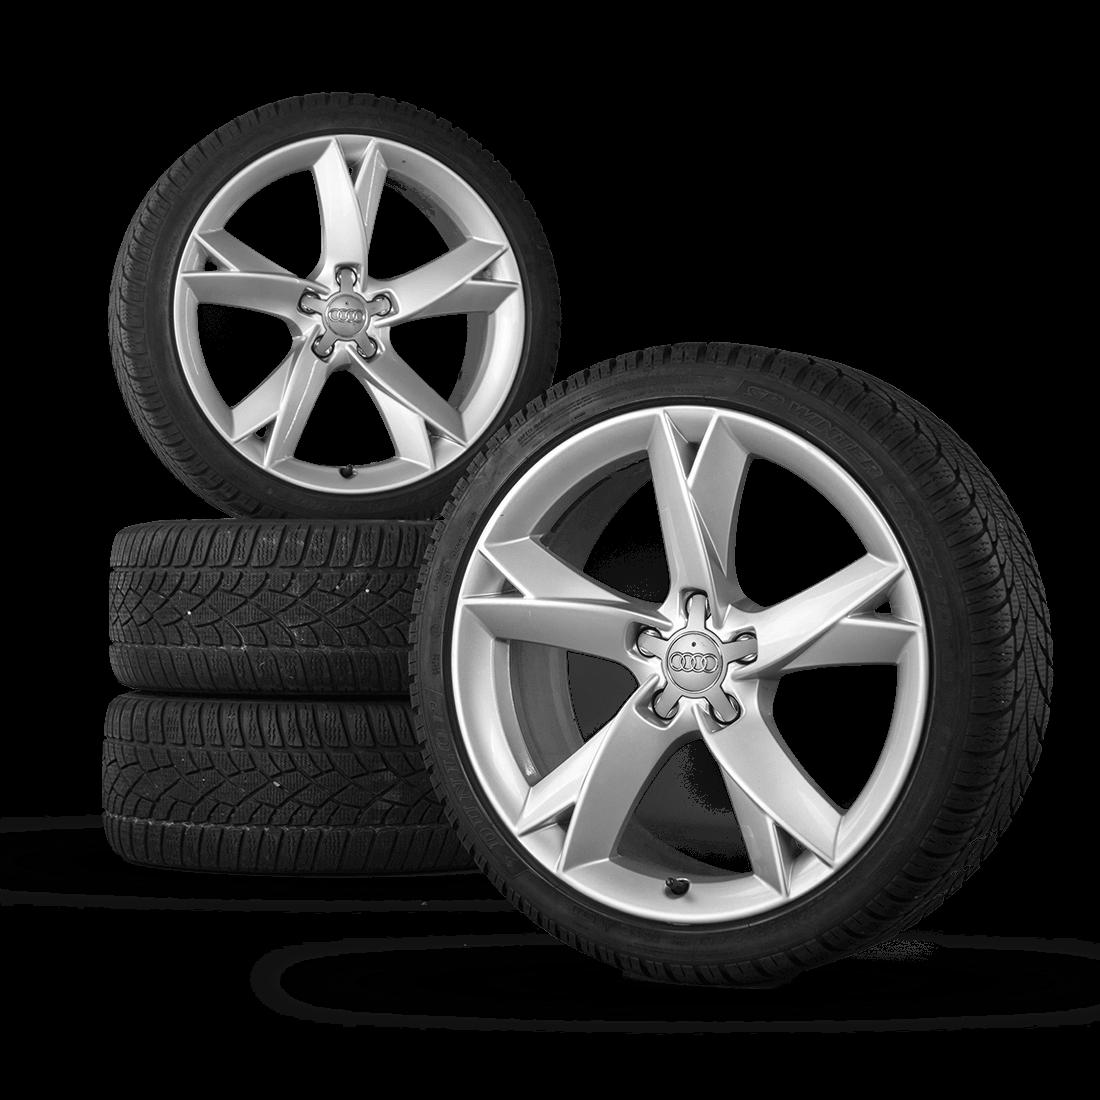 Audi 19 Inch Rims A5 S5 B8 8T 8F Aluminum Rims Winter Tires